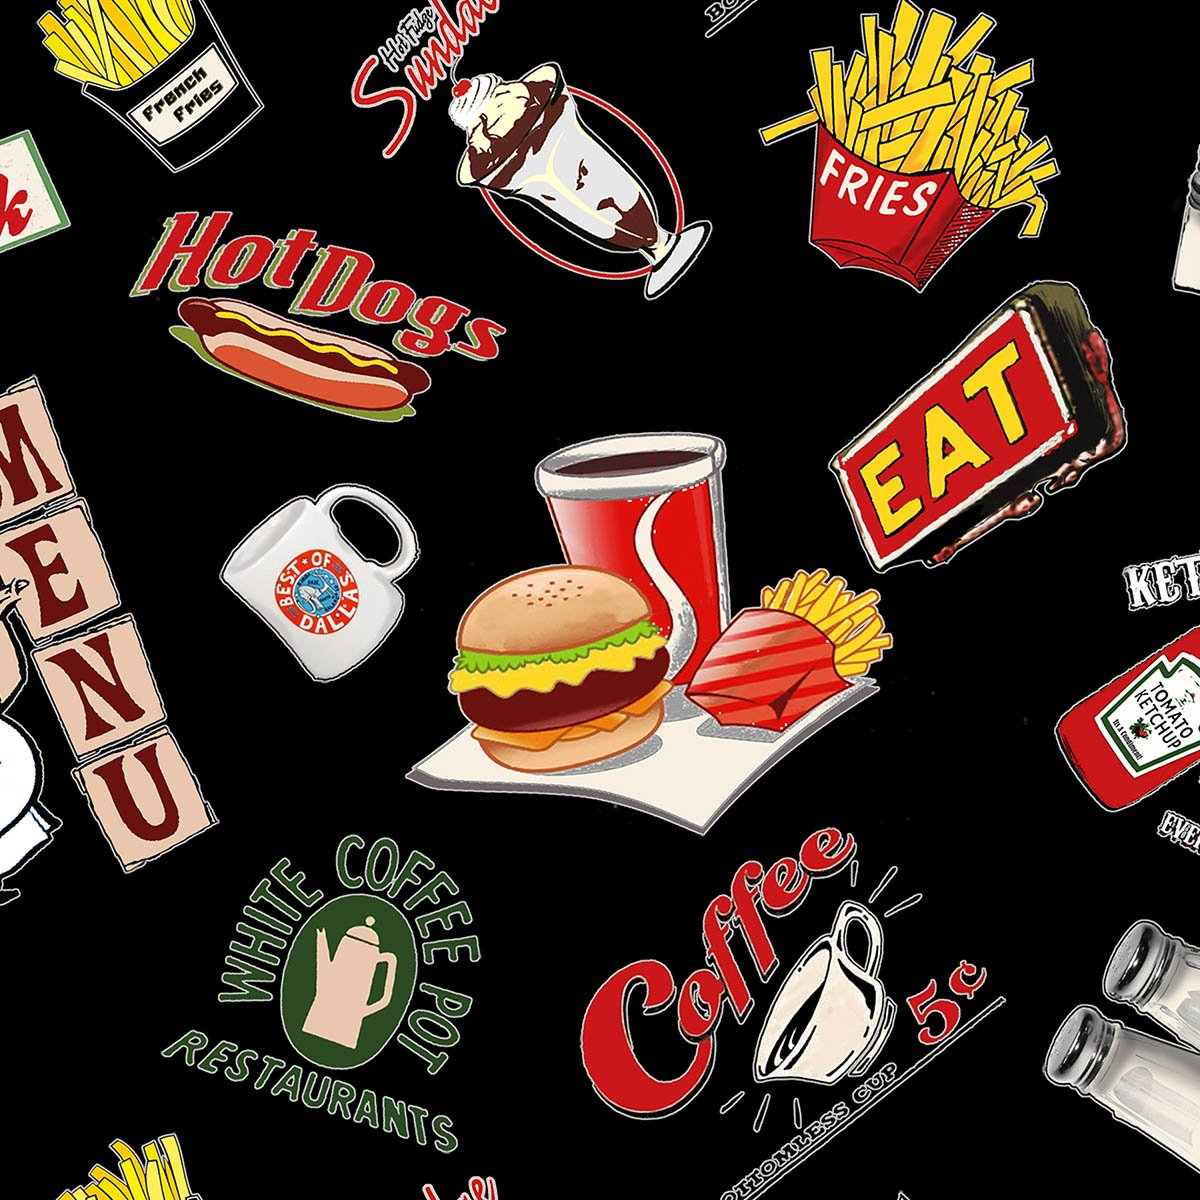 Open 24 Hours - diner logos